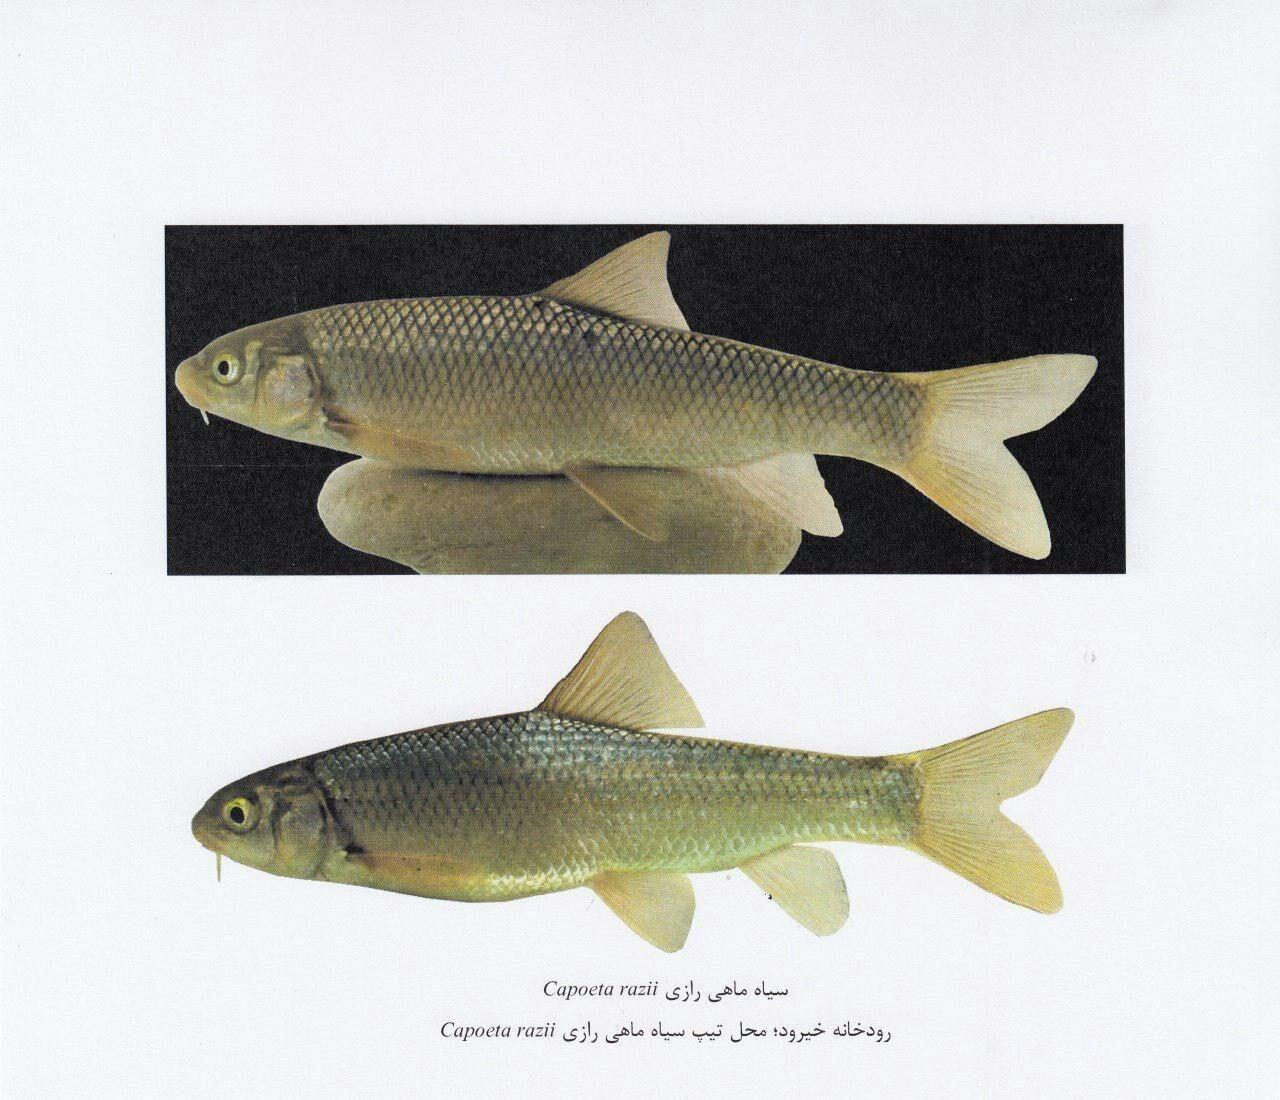 اهمیت علمی و کارایی مربوط به ماهی شناسی